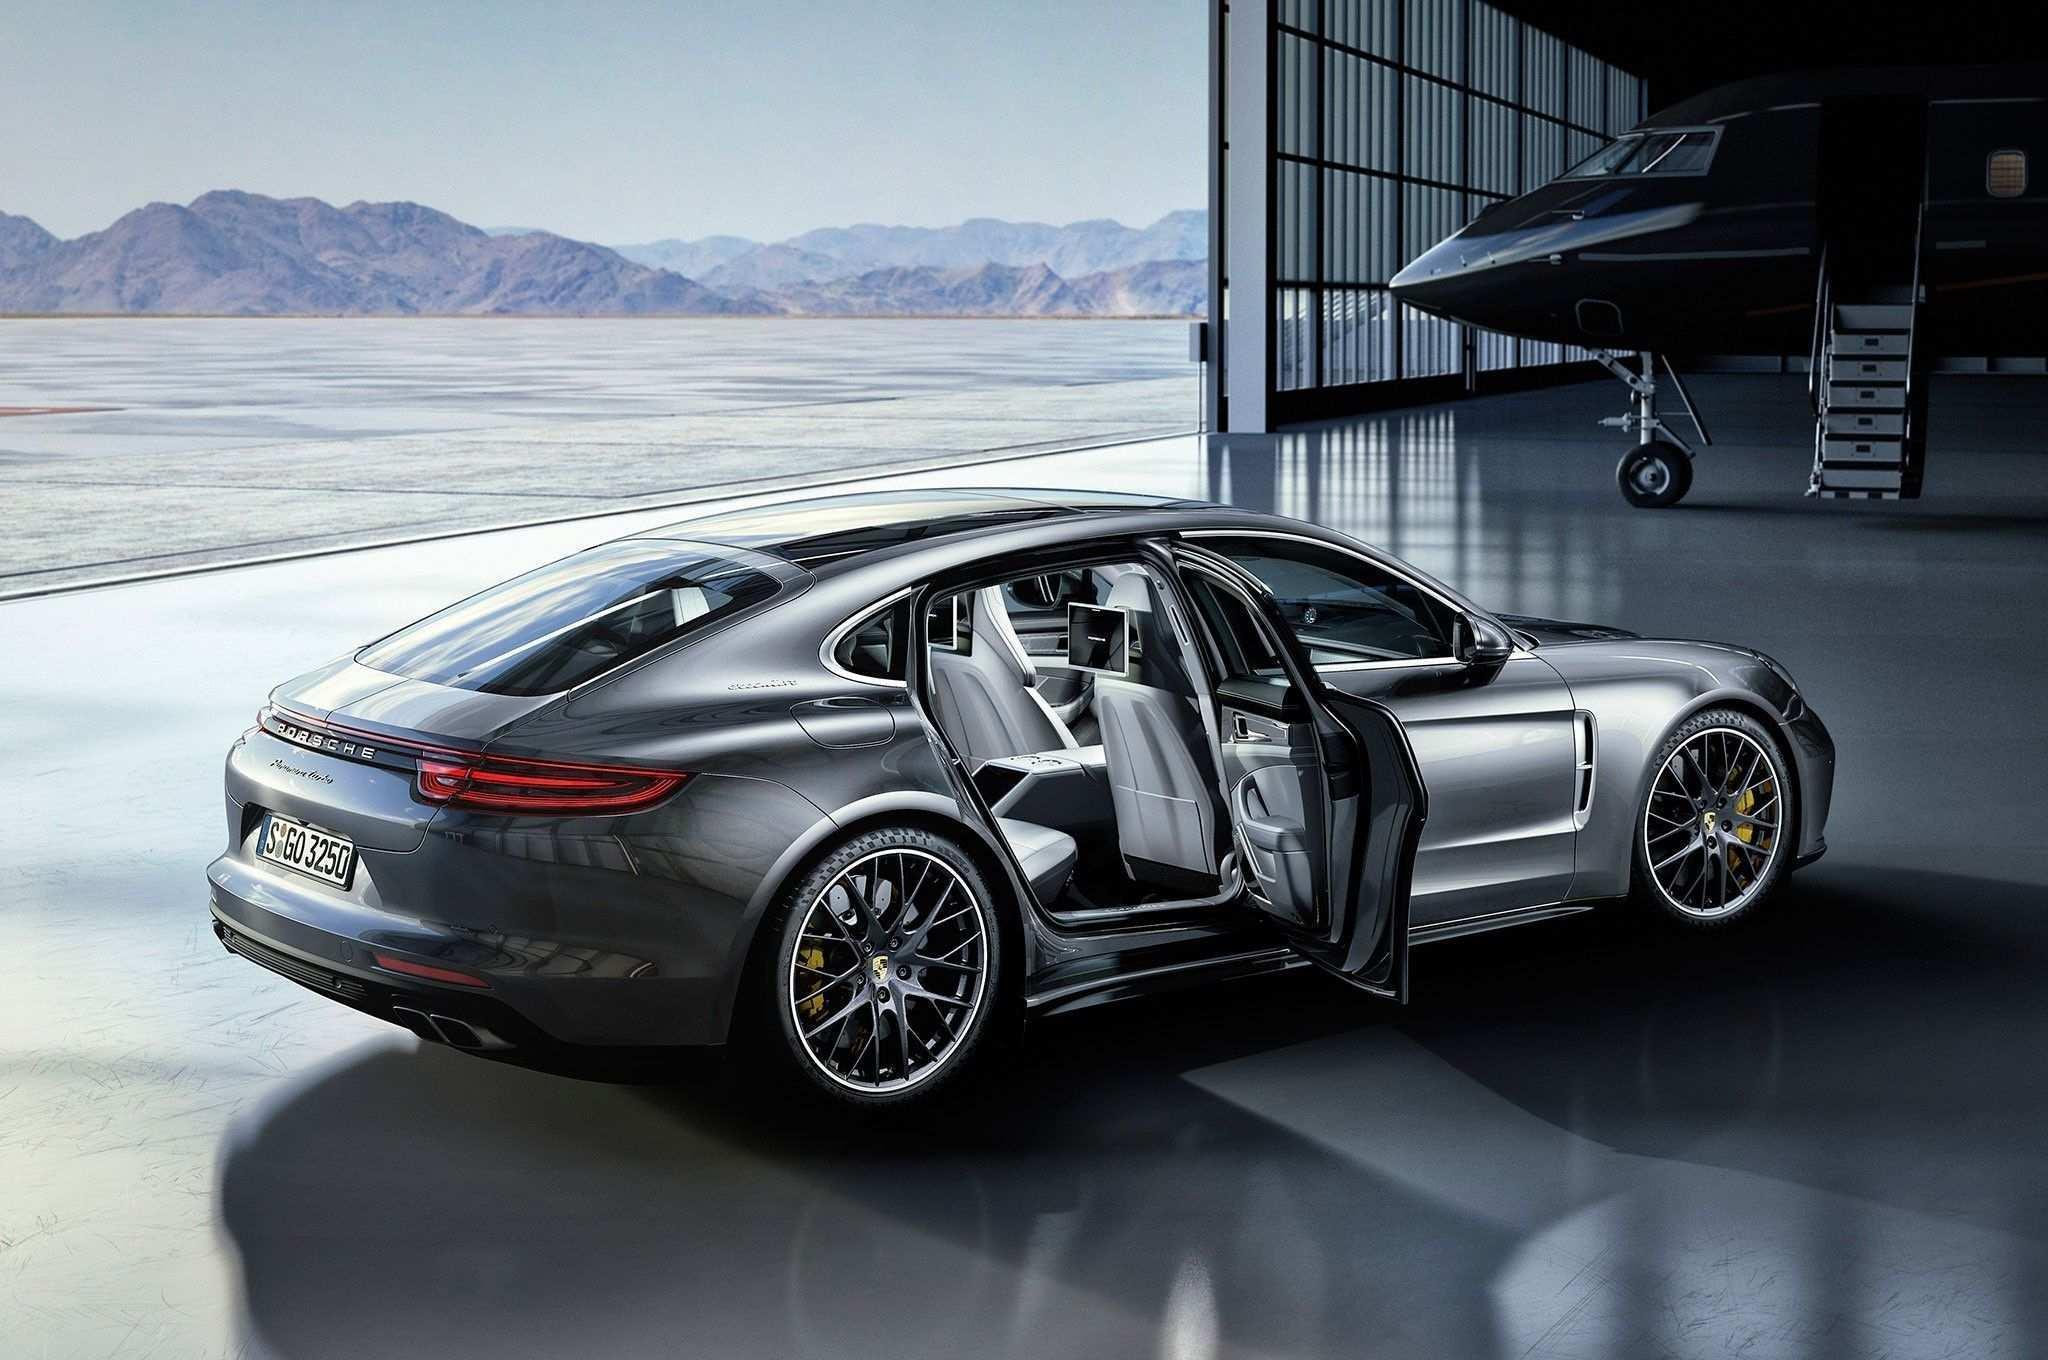 14 New 2020 Porsche Panamera Exterior for 2020 Porsche Panamera